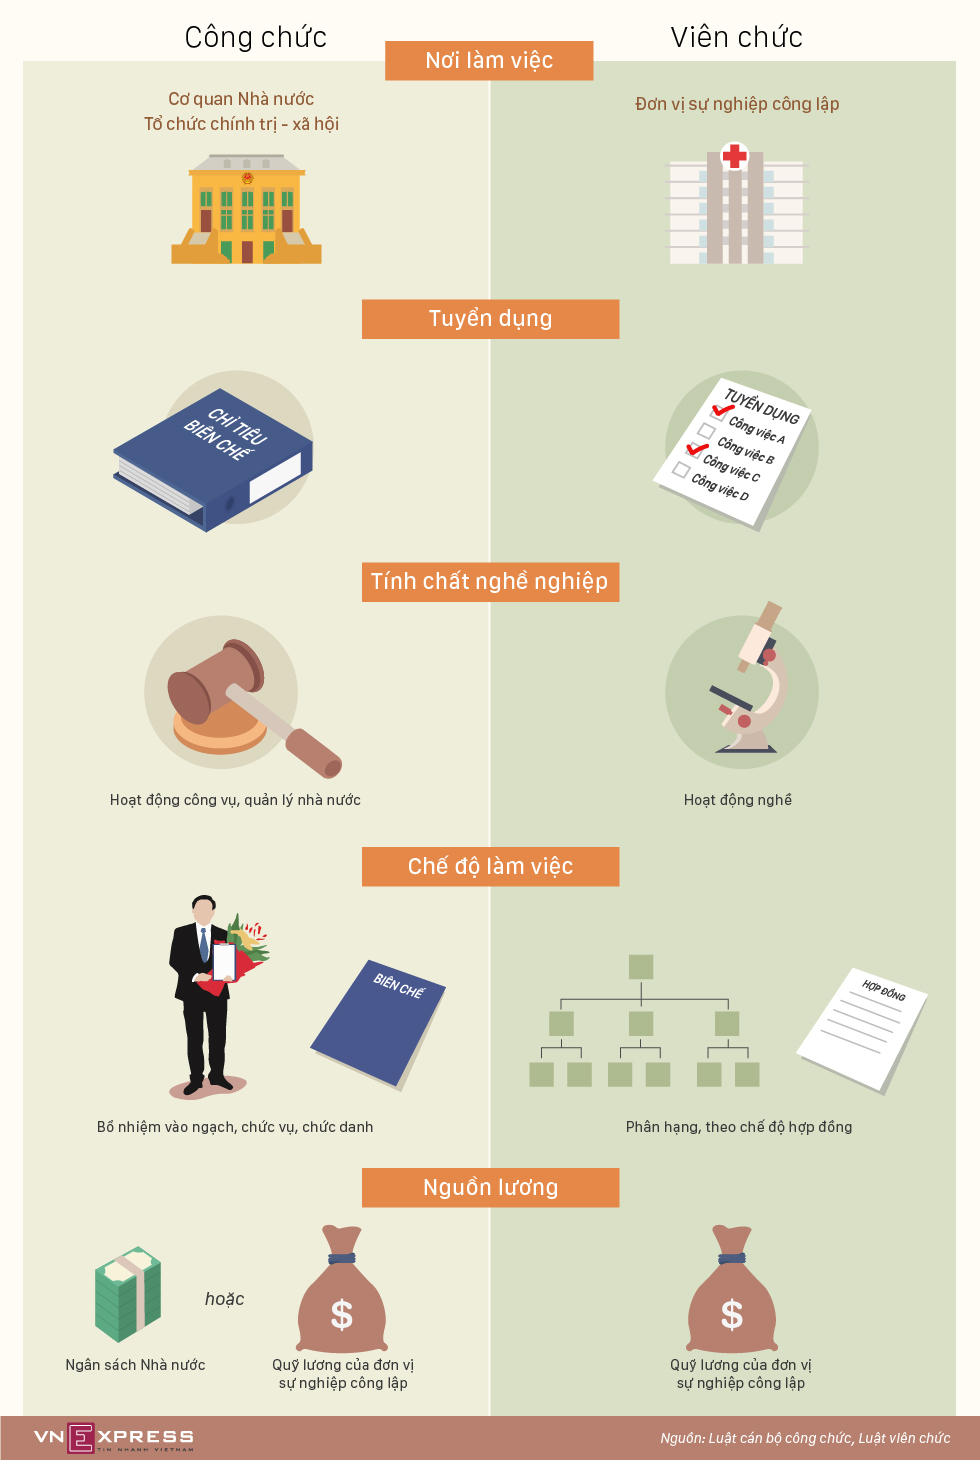 Công chức và viên chức khác nhau thế nào?